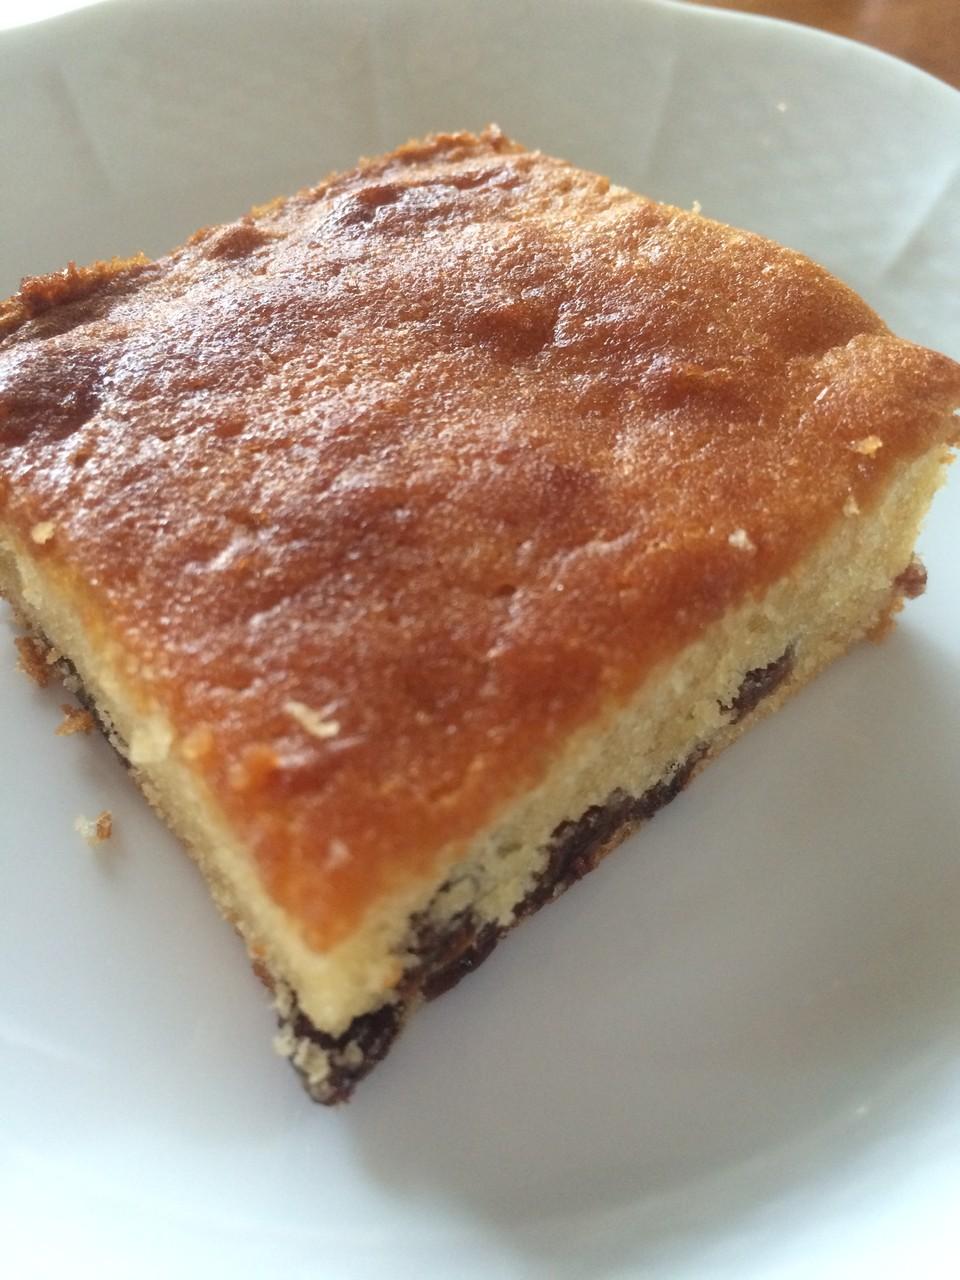 シチリアンケーキ 簡単素朴で好評でした♡